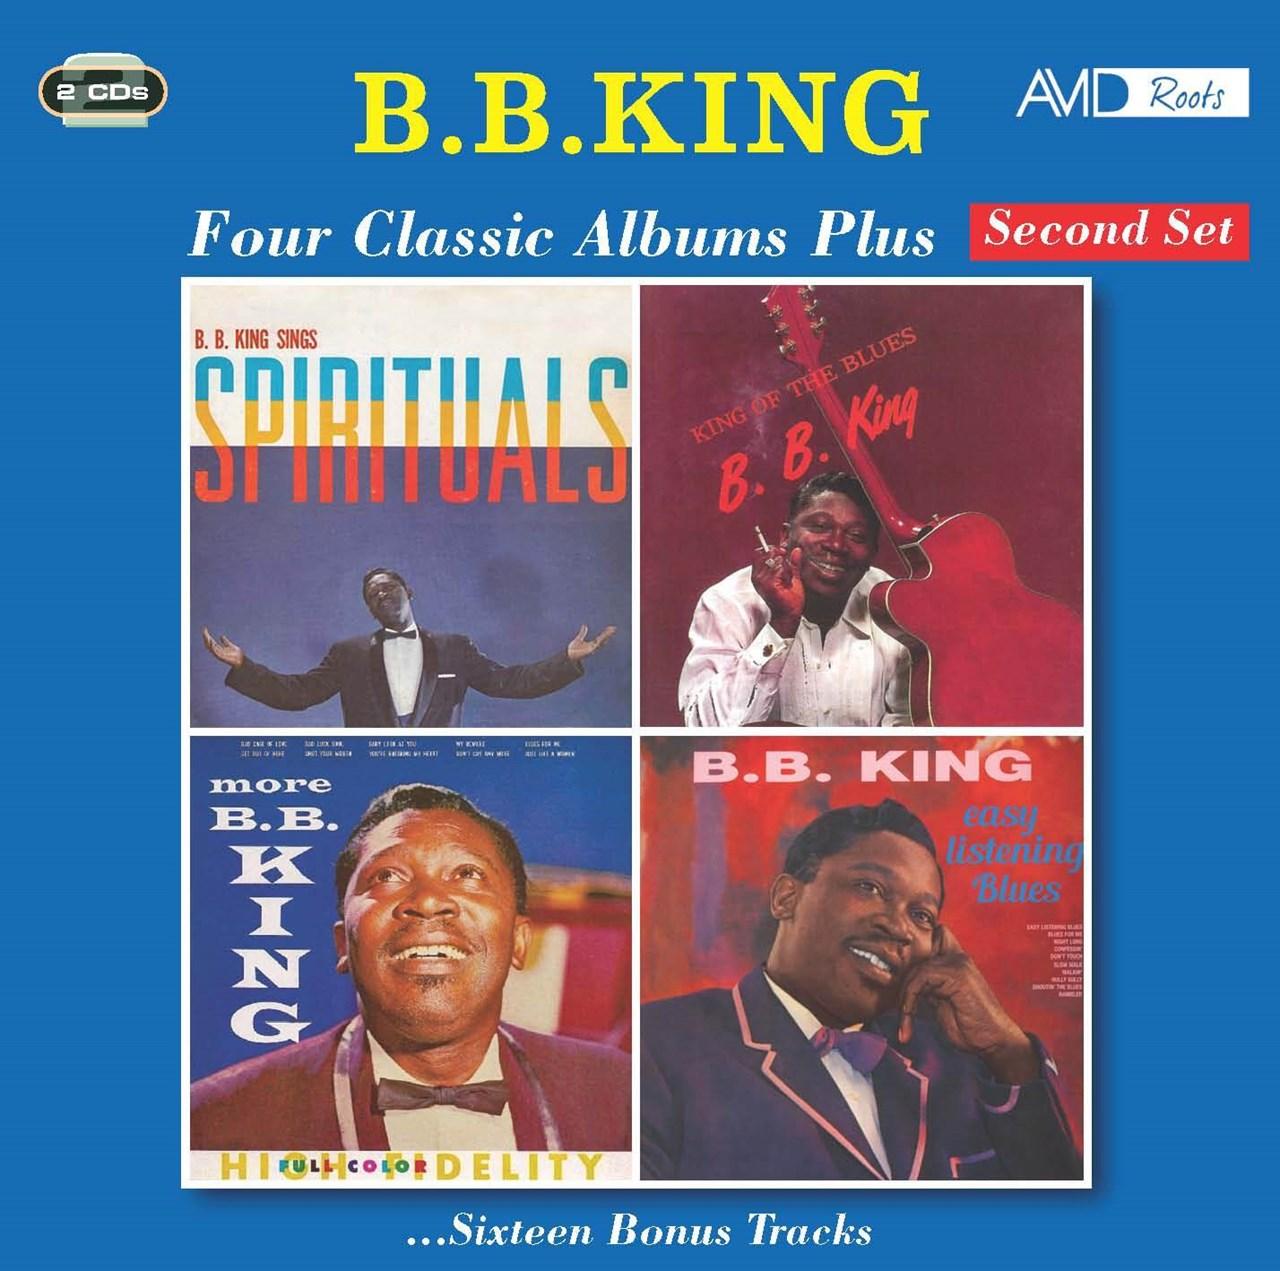 Four Classic Albums Plus: Second Set - 1